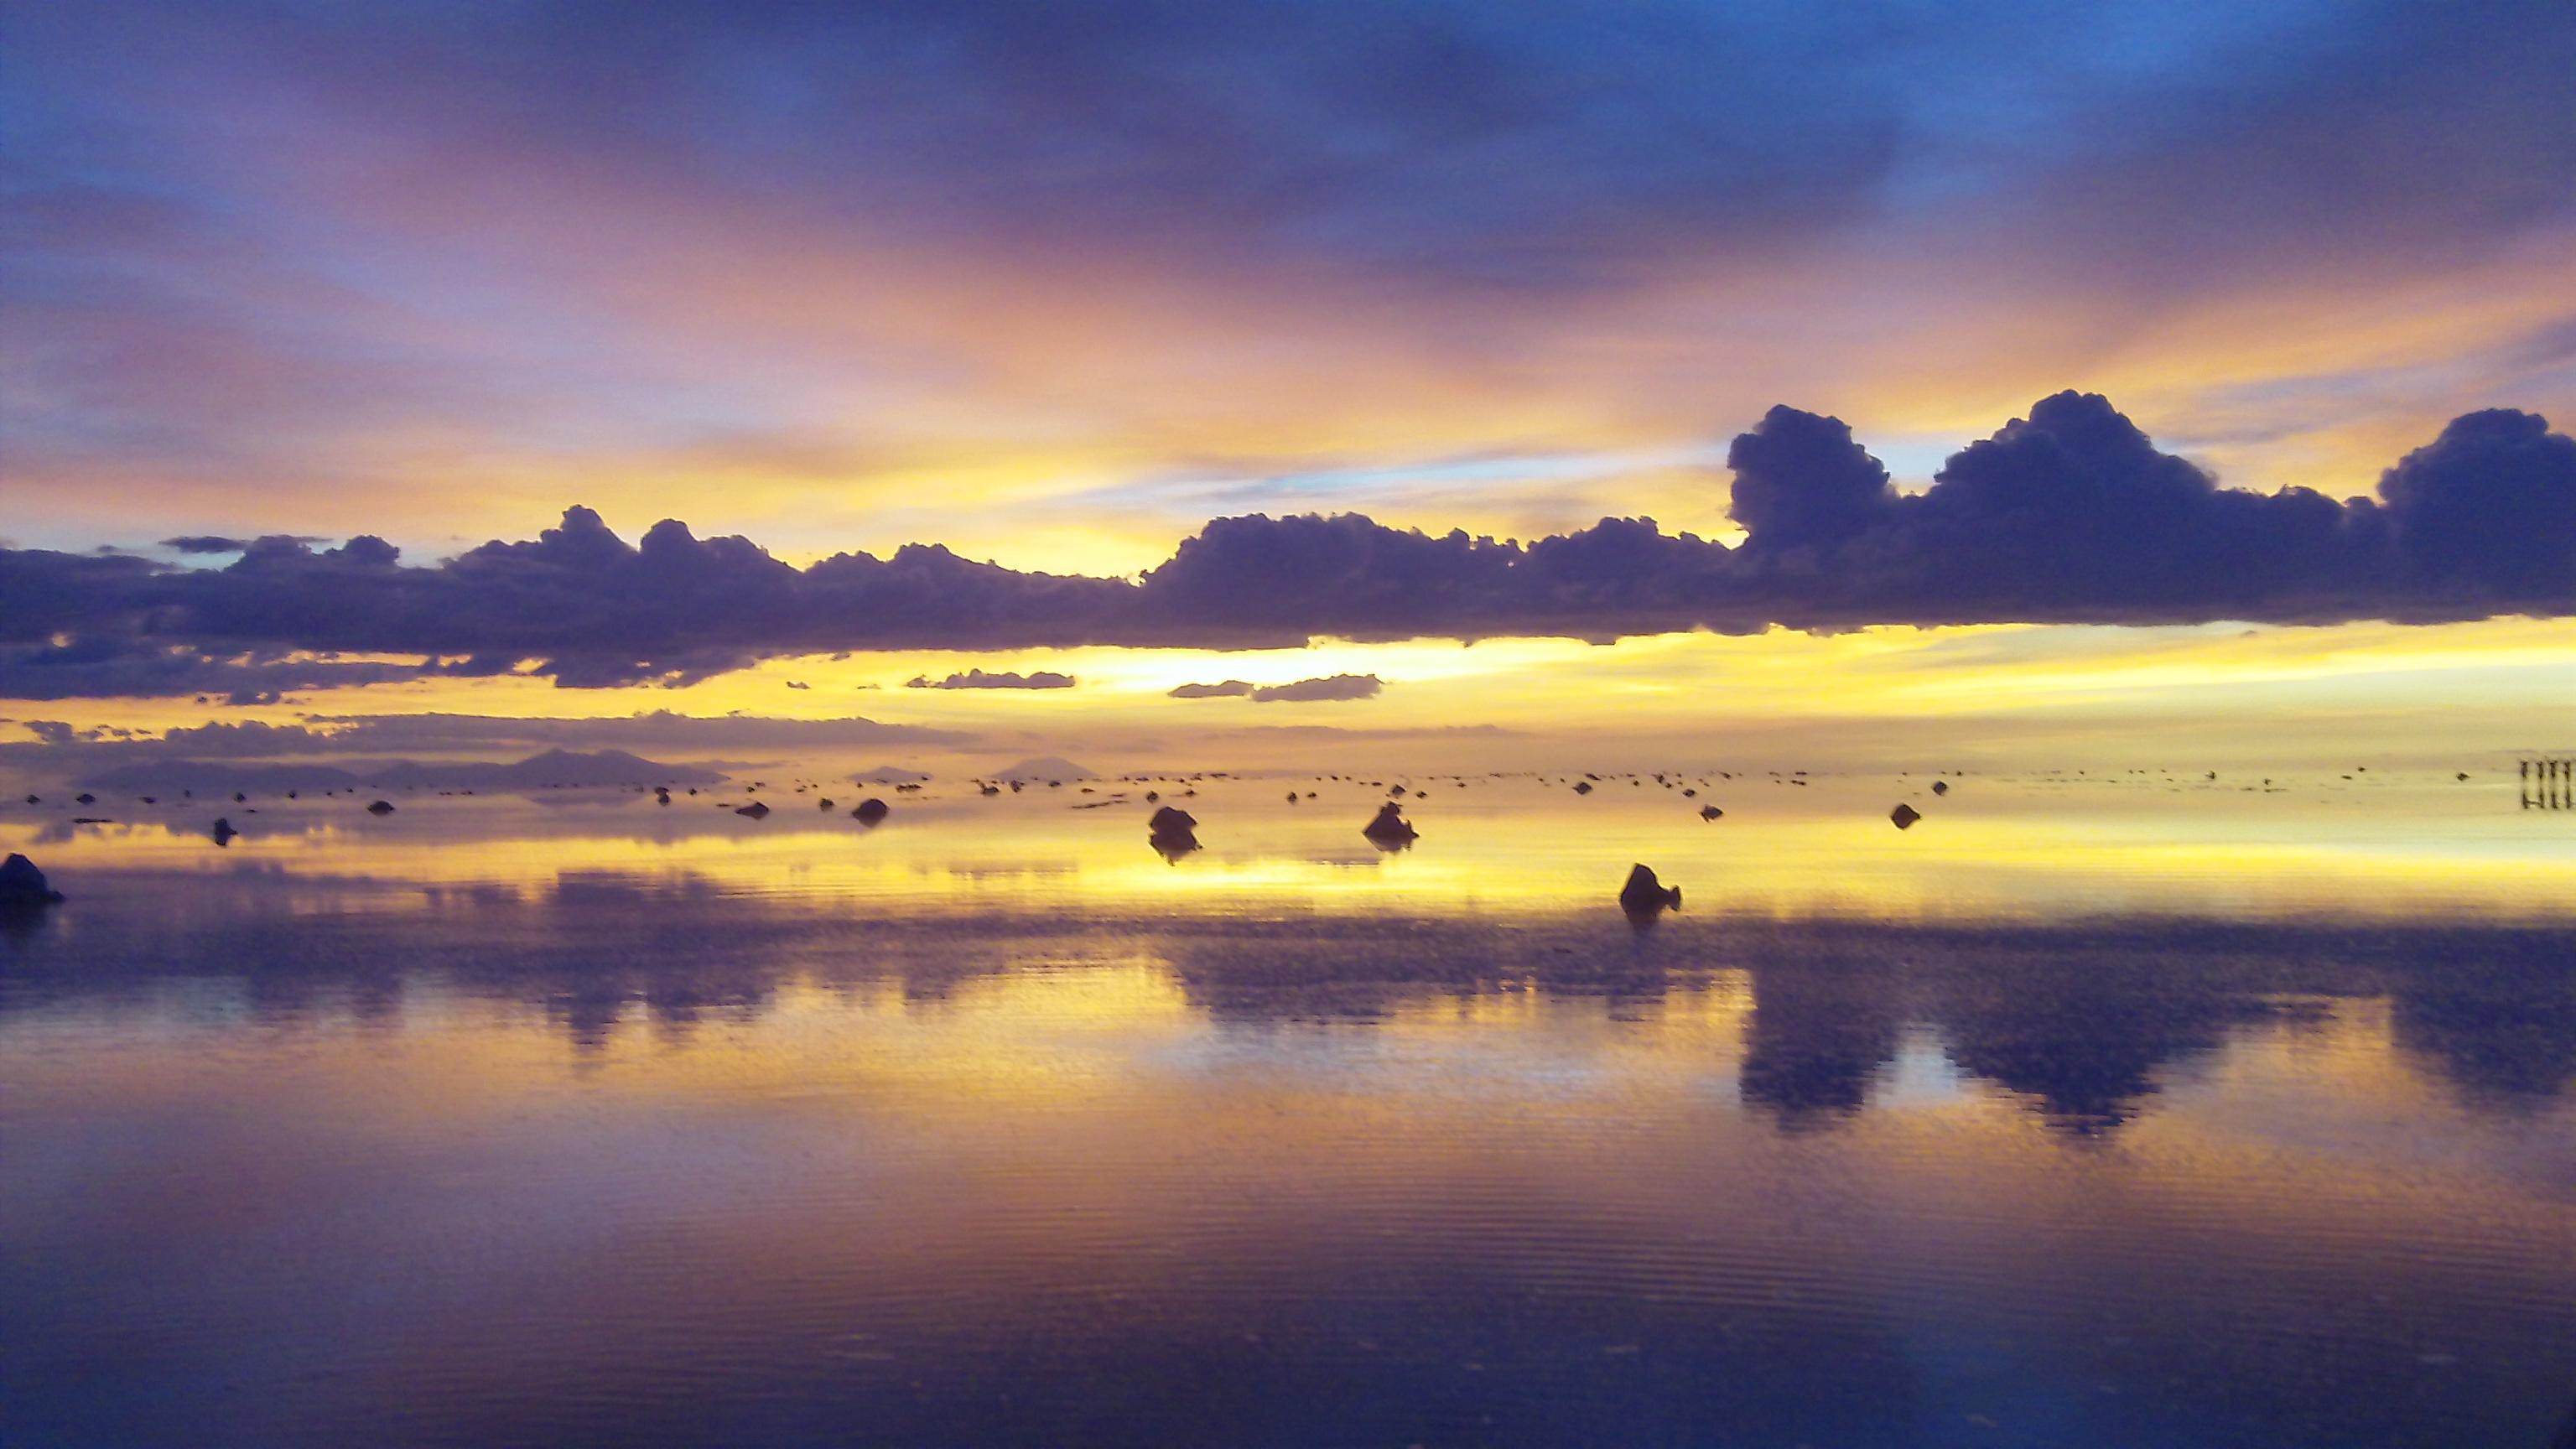 2012-Insider - Sonnenuntergang nach der Neumond-Zeremonie am 21.02.2012 im Salar de Uyuni